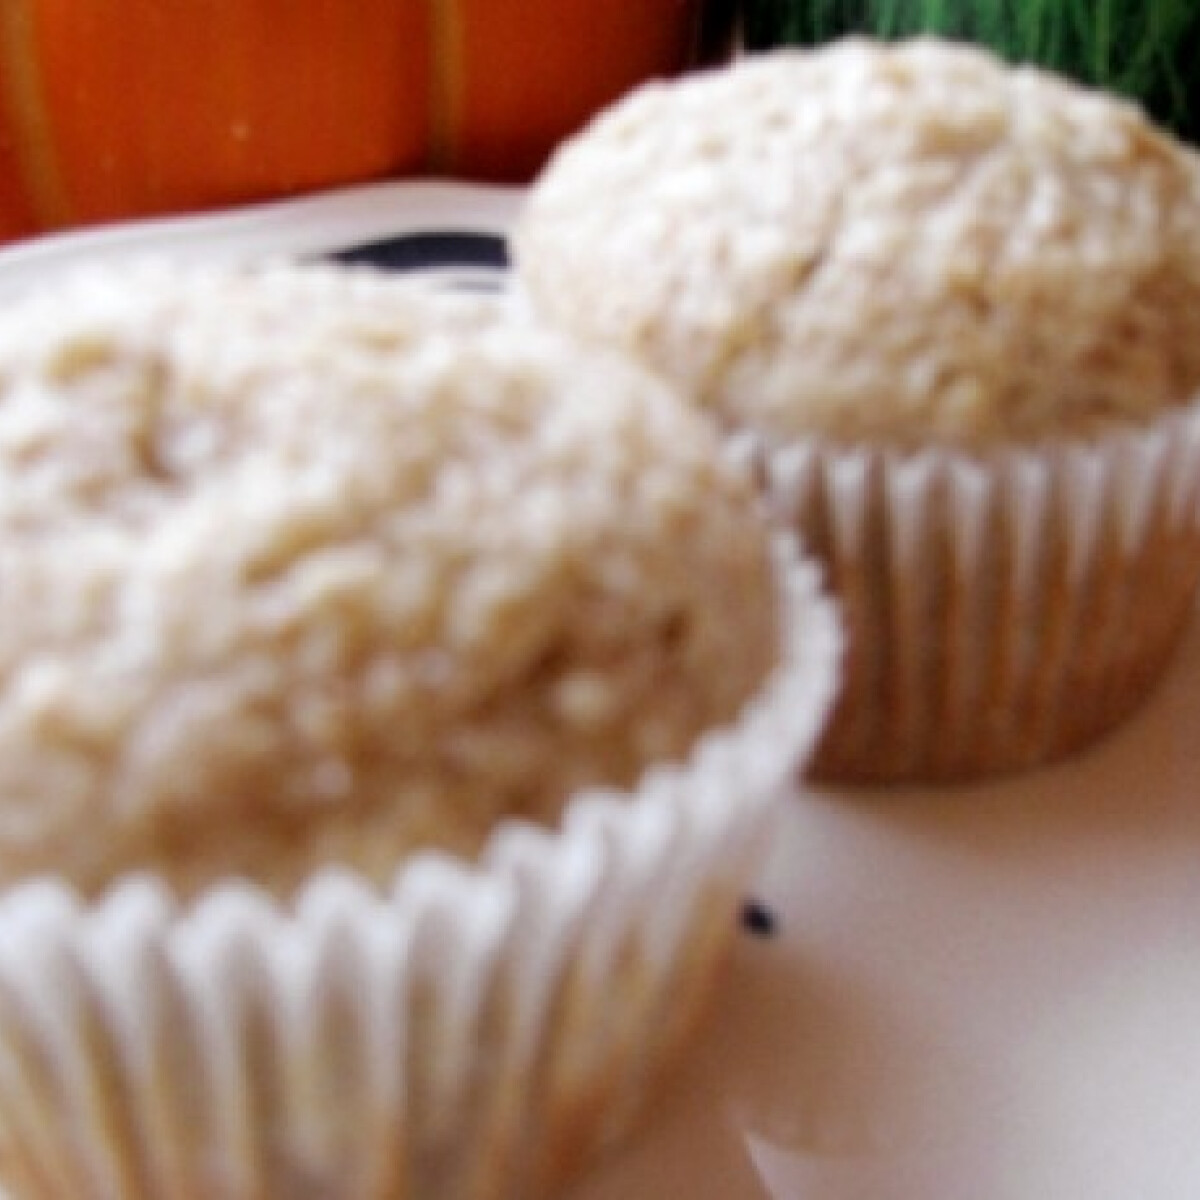 Reggeli körtés muffin